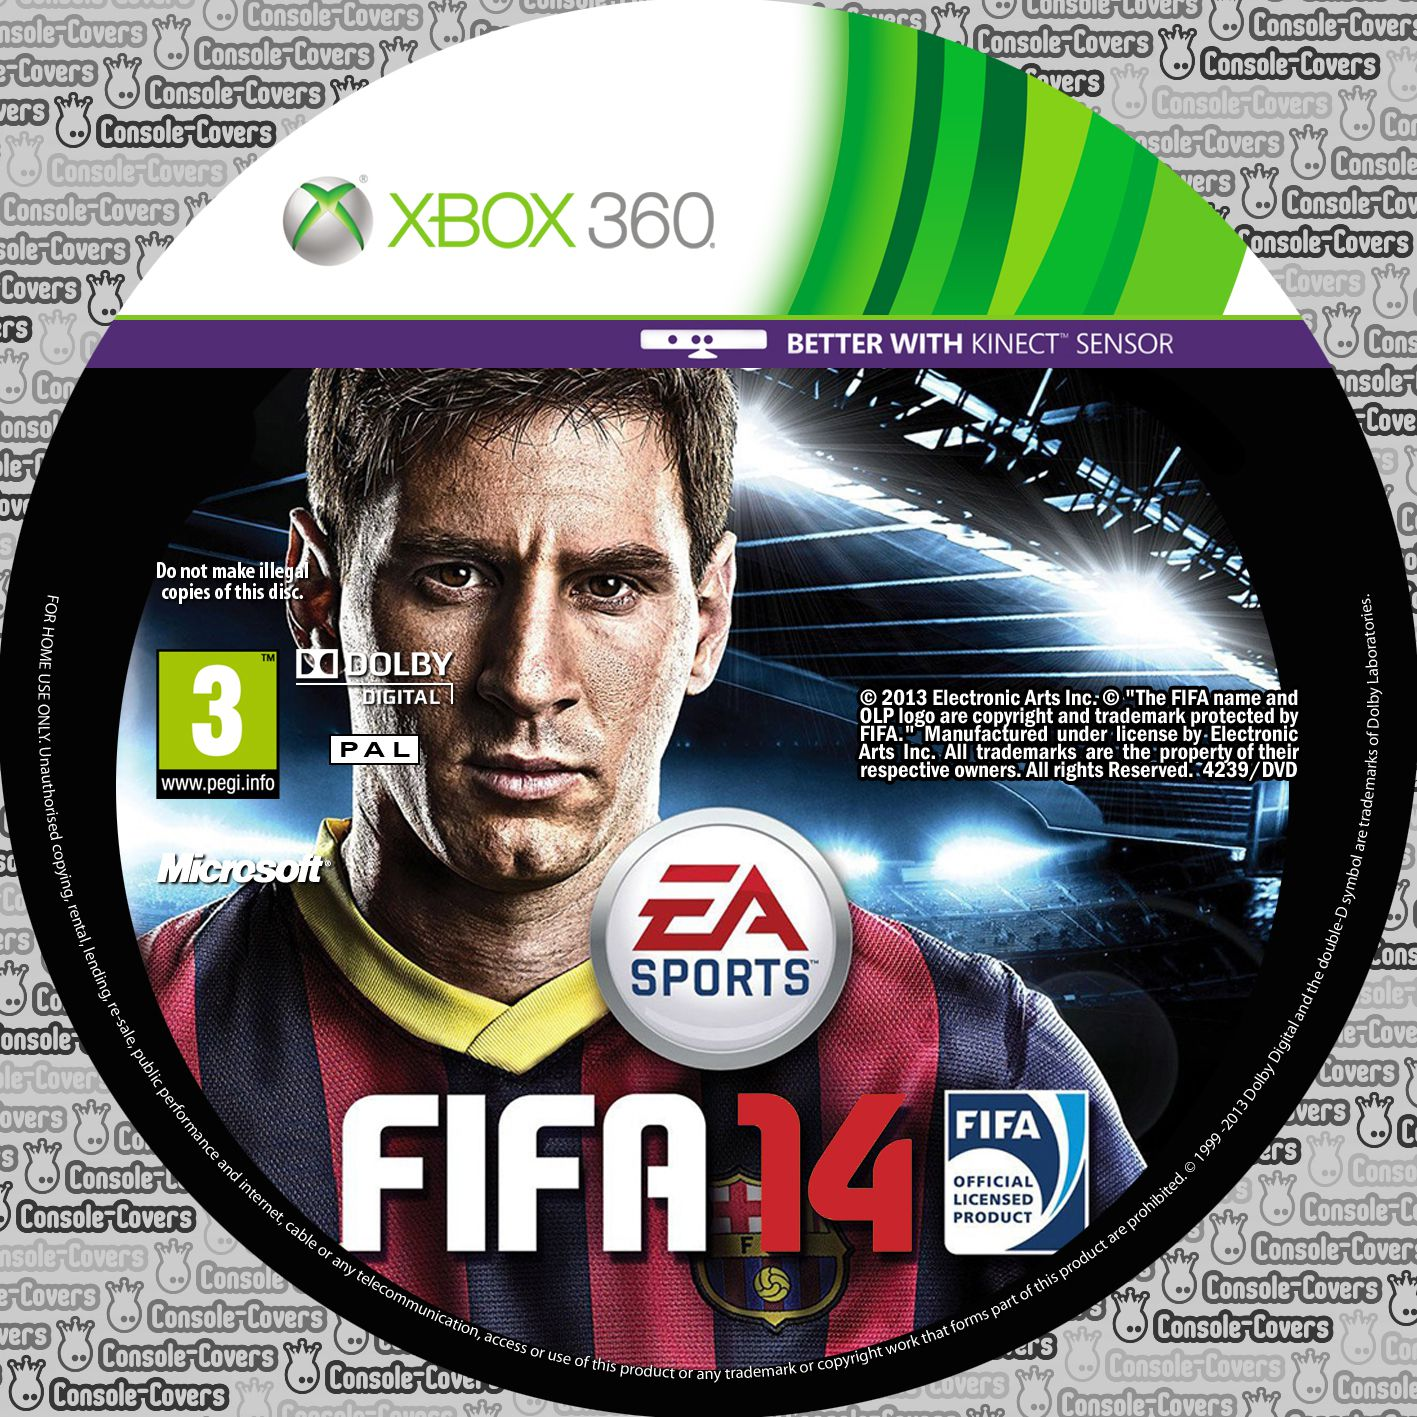 http://2.bp.blogspot.com/-lM8YG1uwcMc/Ue_mMv4ttcI/AAAAAAAAq4s/nYEfy-j1NGg/s1600/FIFA_14_PAL_DISC.jpg